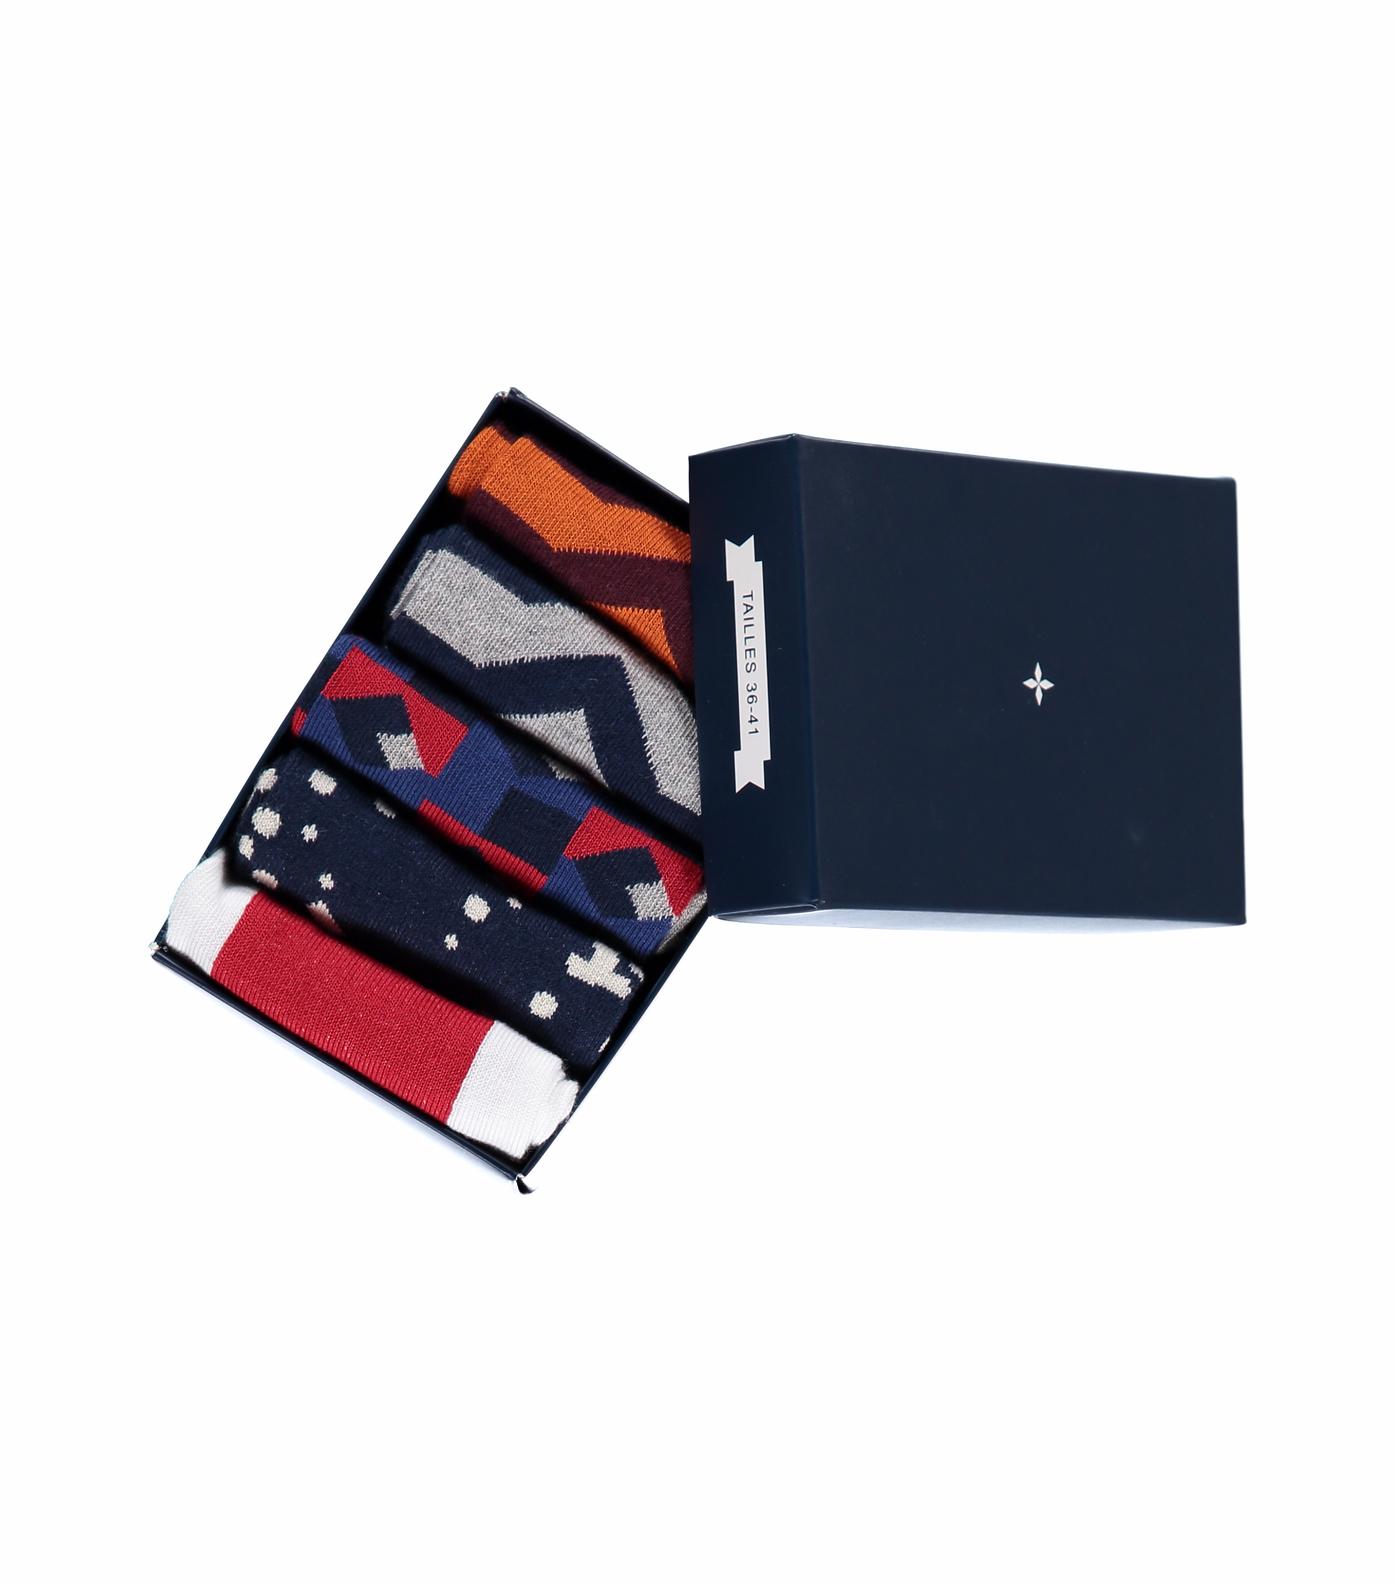 BOX 5 PAIRS SOCKS - Multi